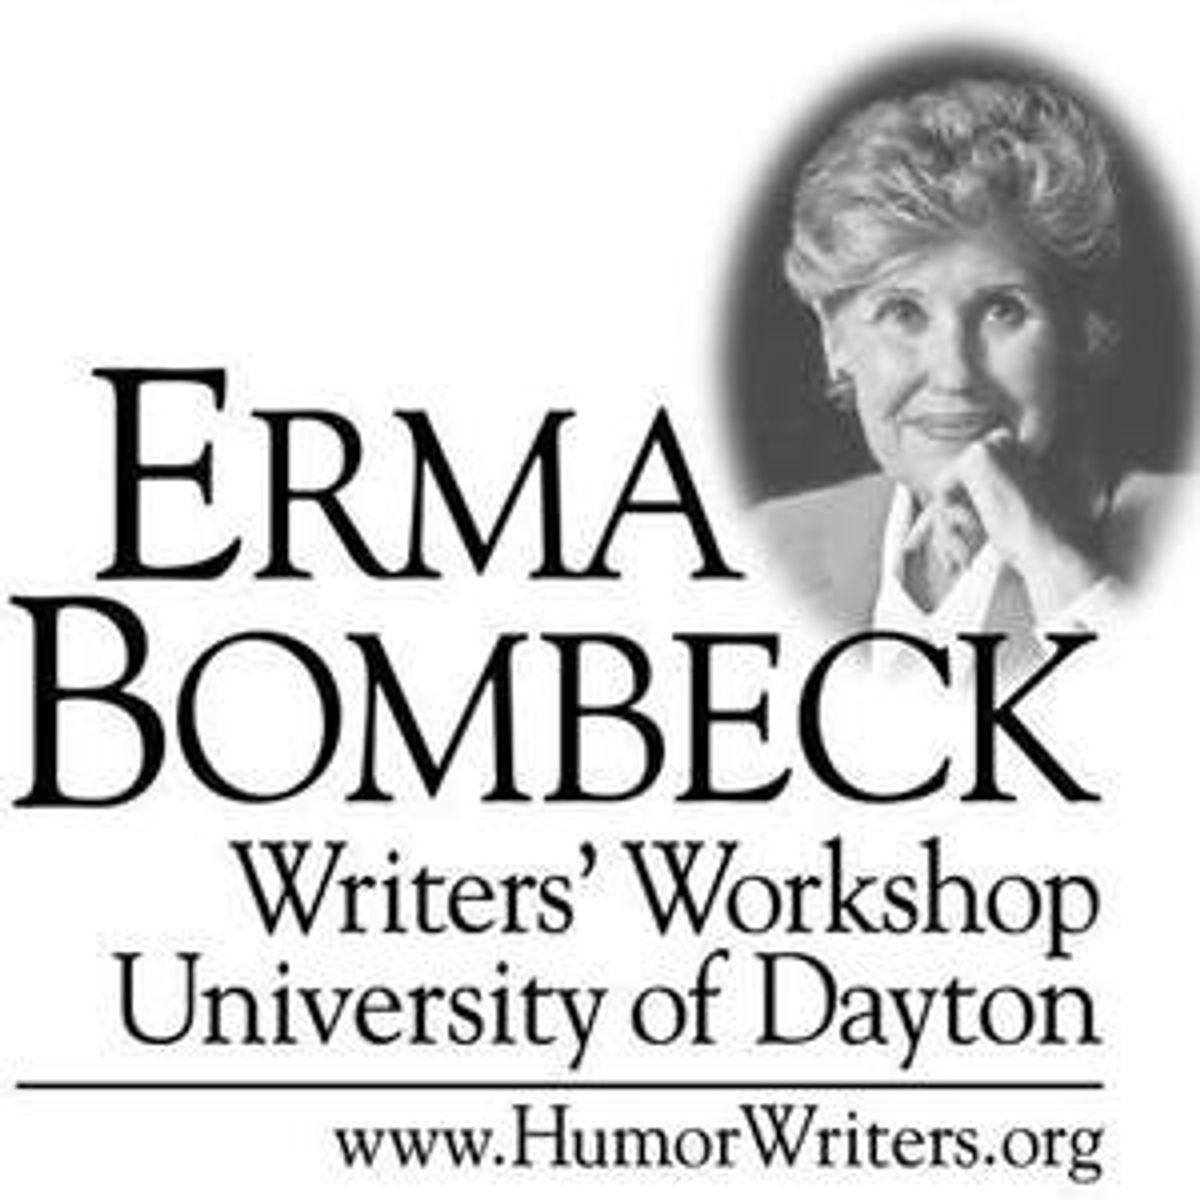 Erma Bombeck Spirit Still Alive Through Writers' Workshop